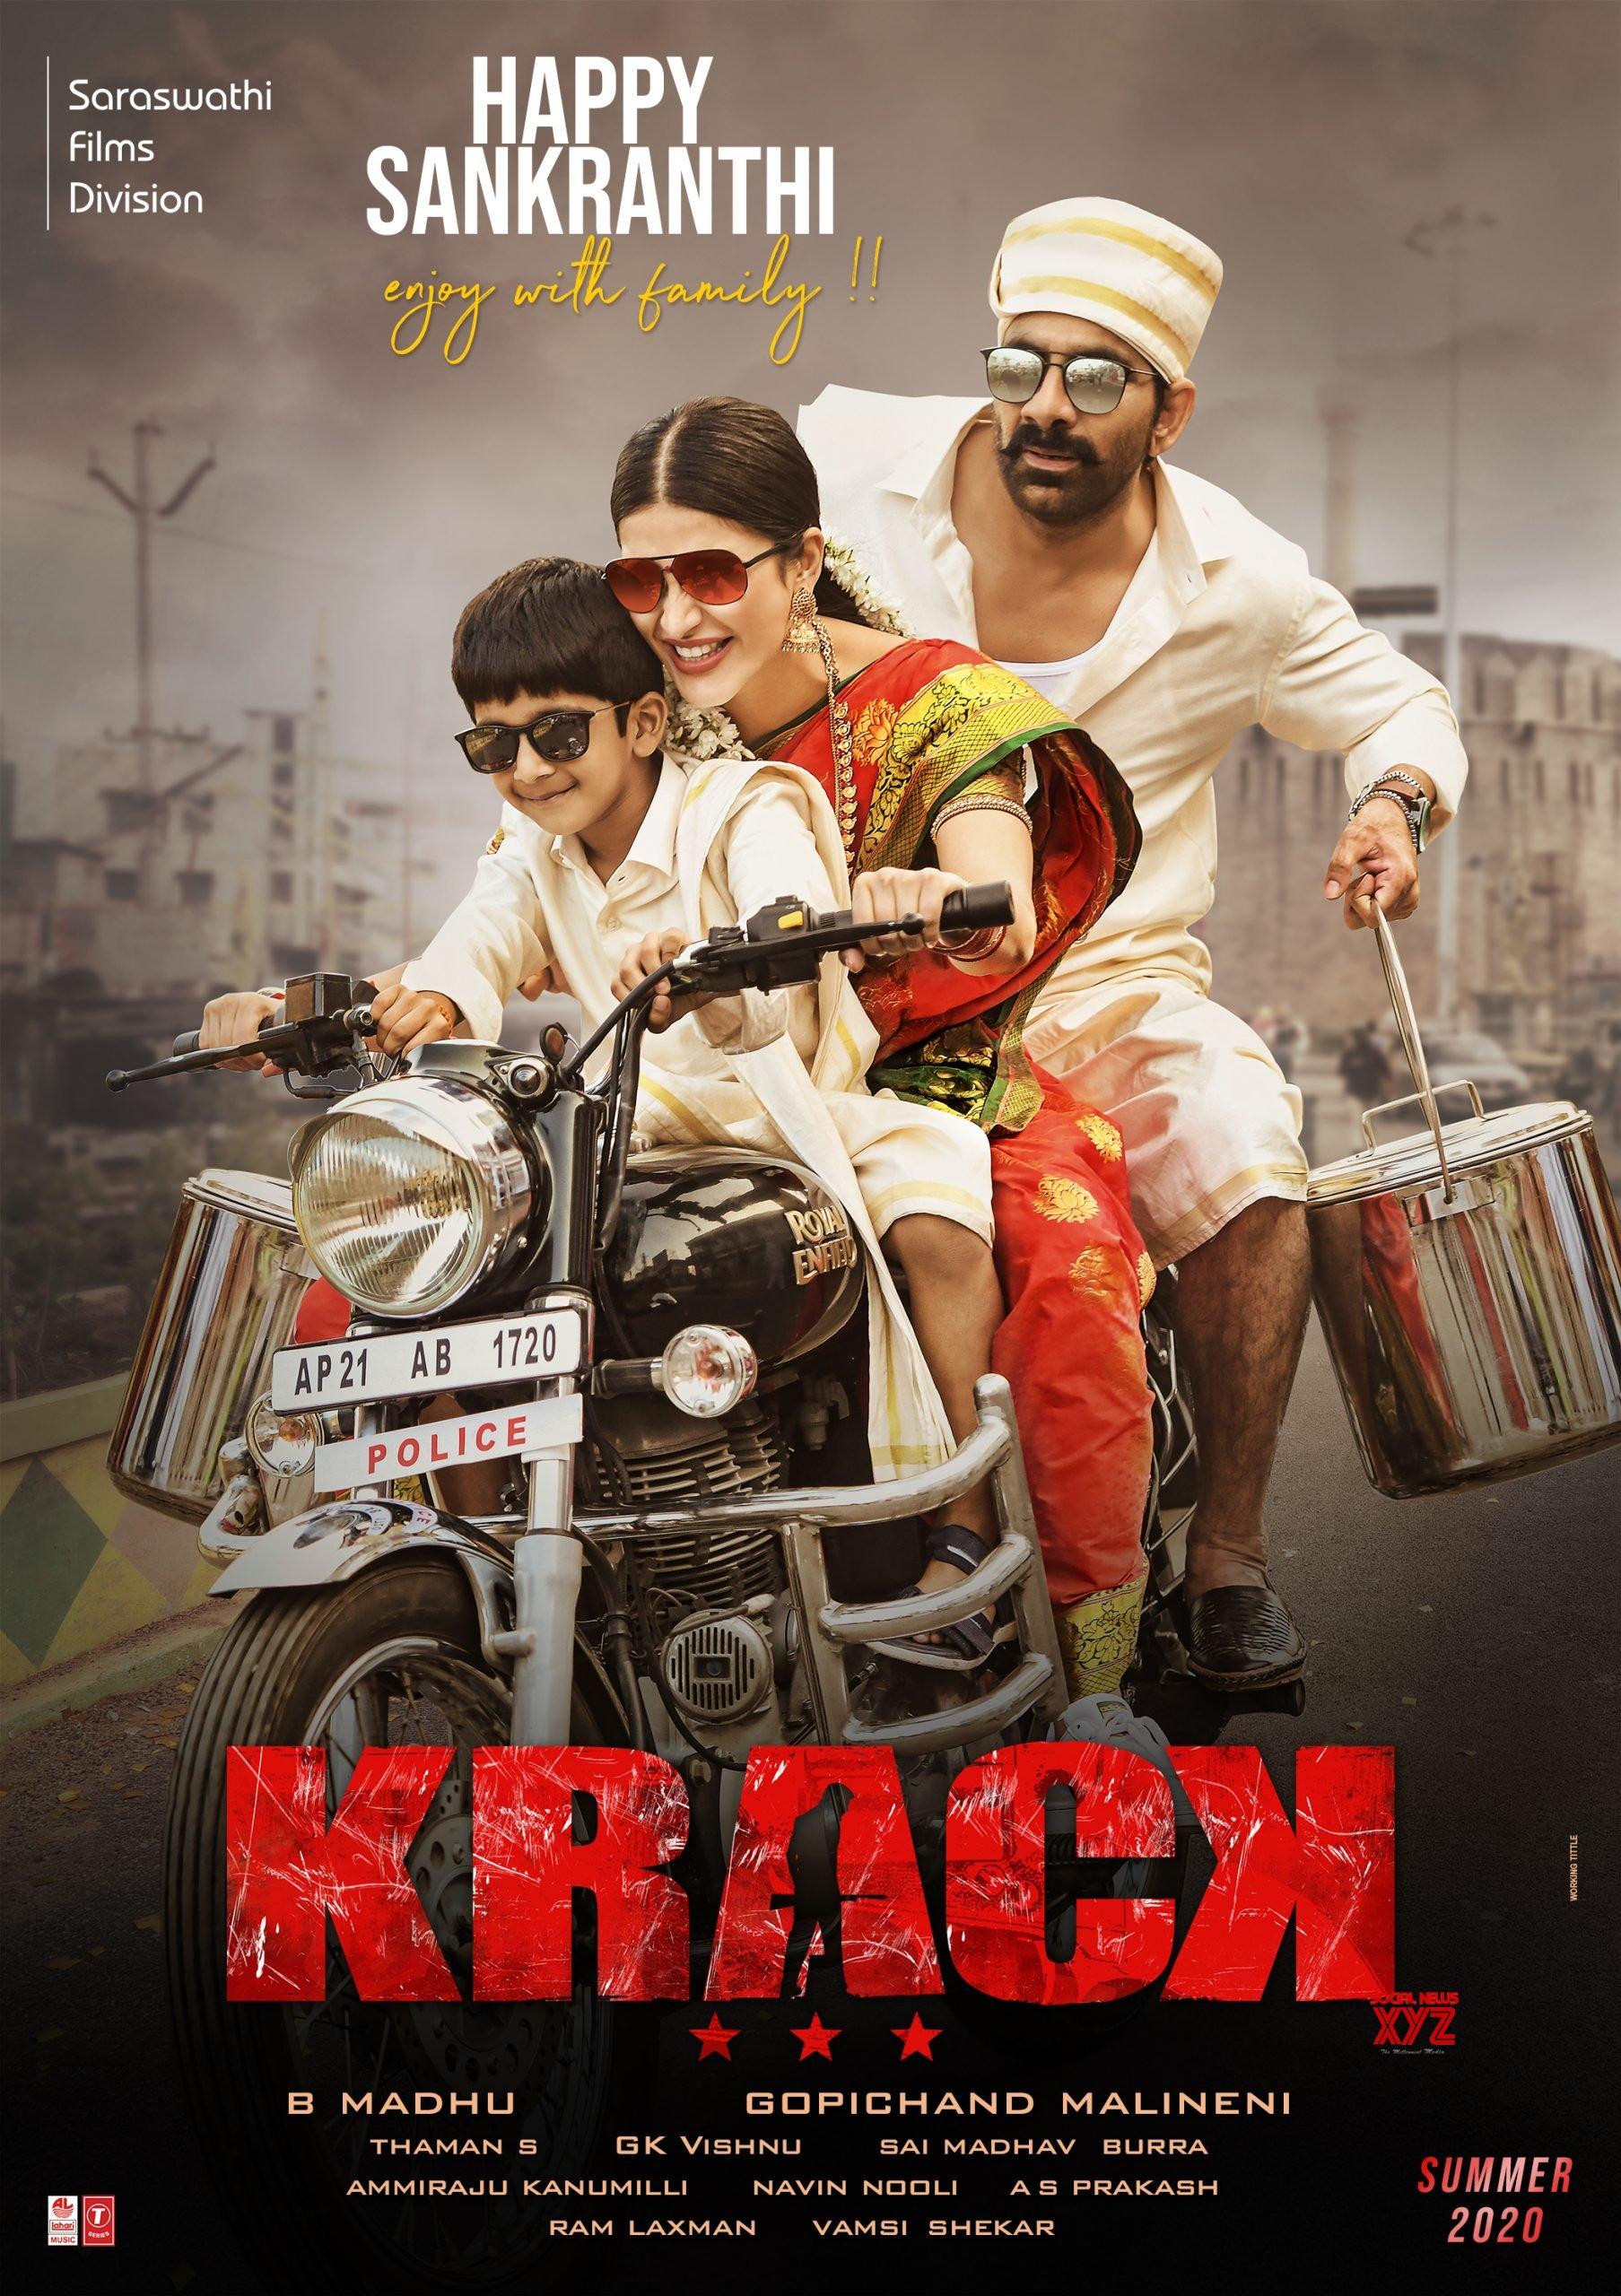 Ravi Teja And Shruti Haasan's Krack Movie Sankranthi HD Posters